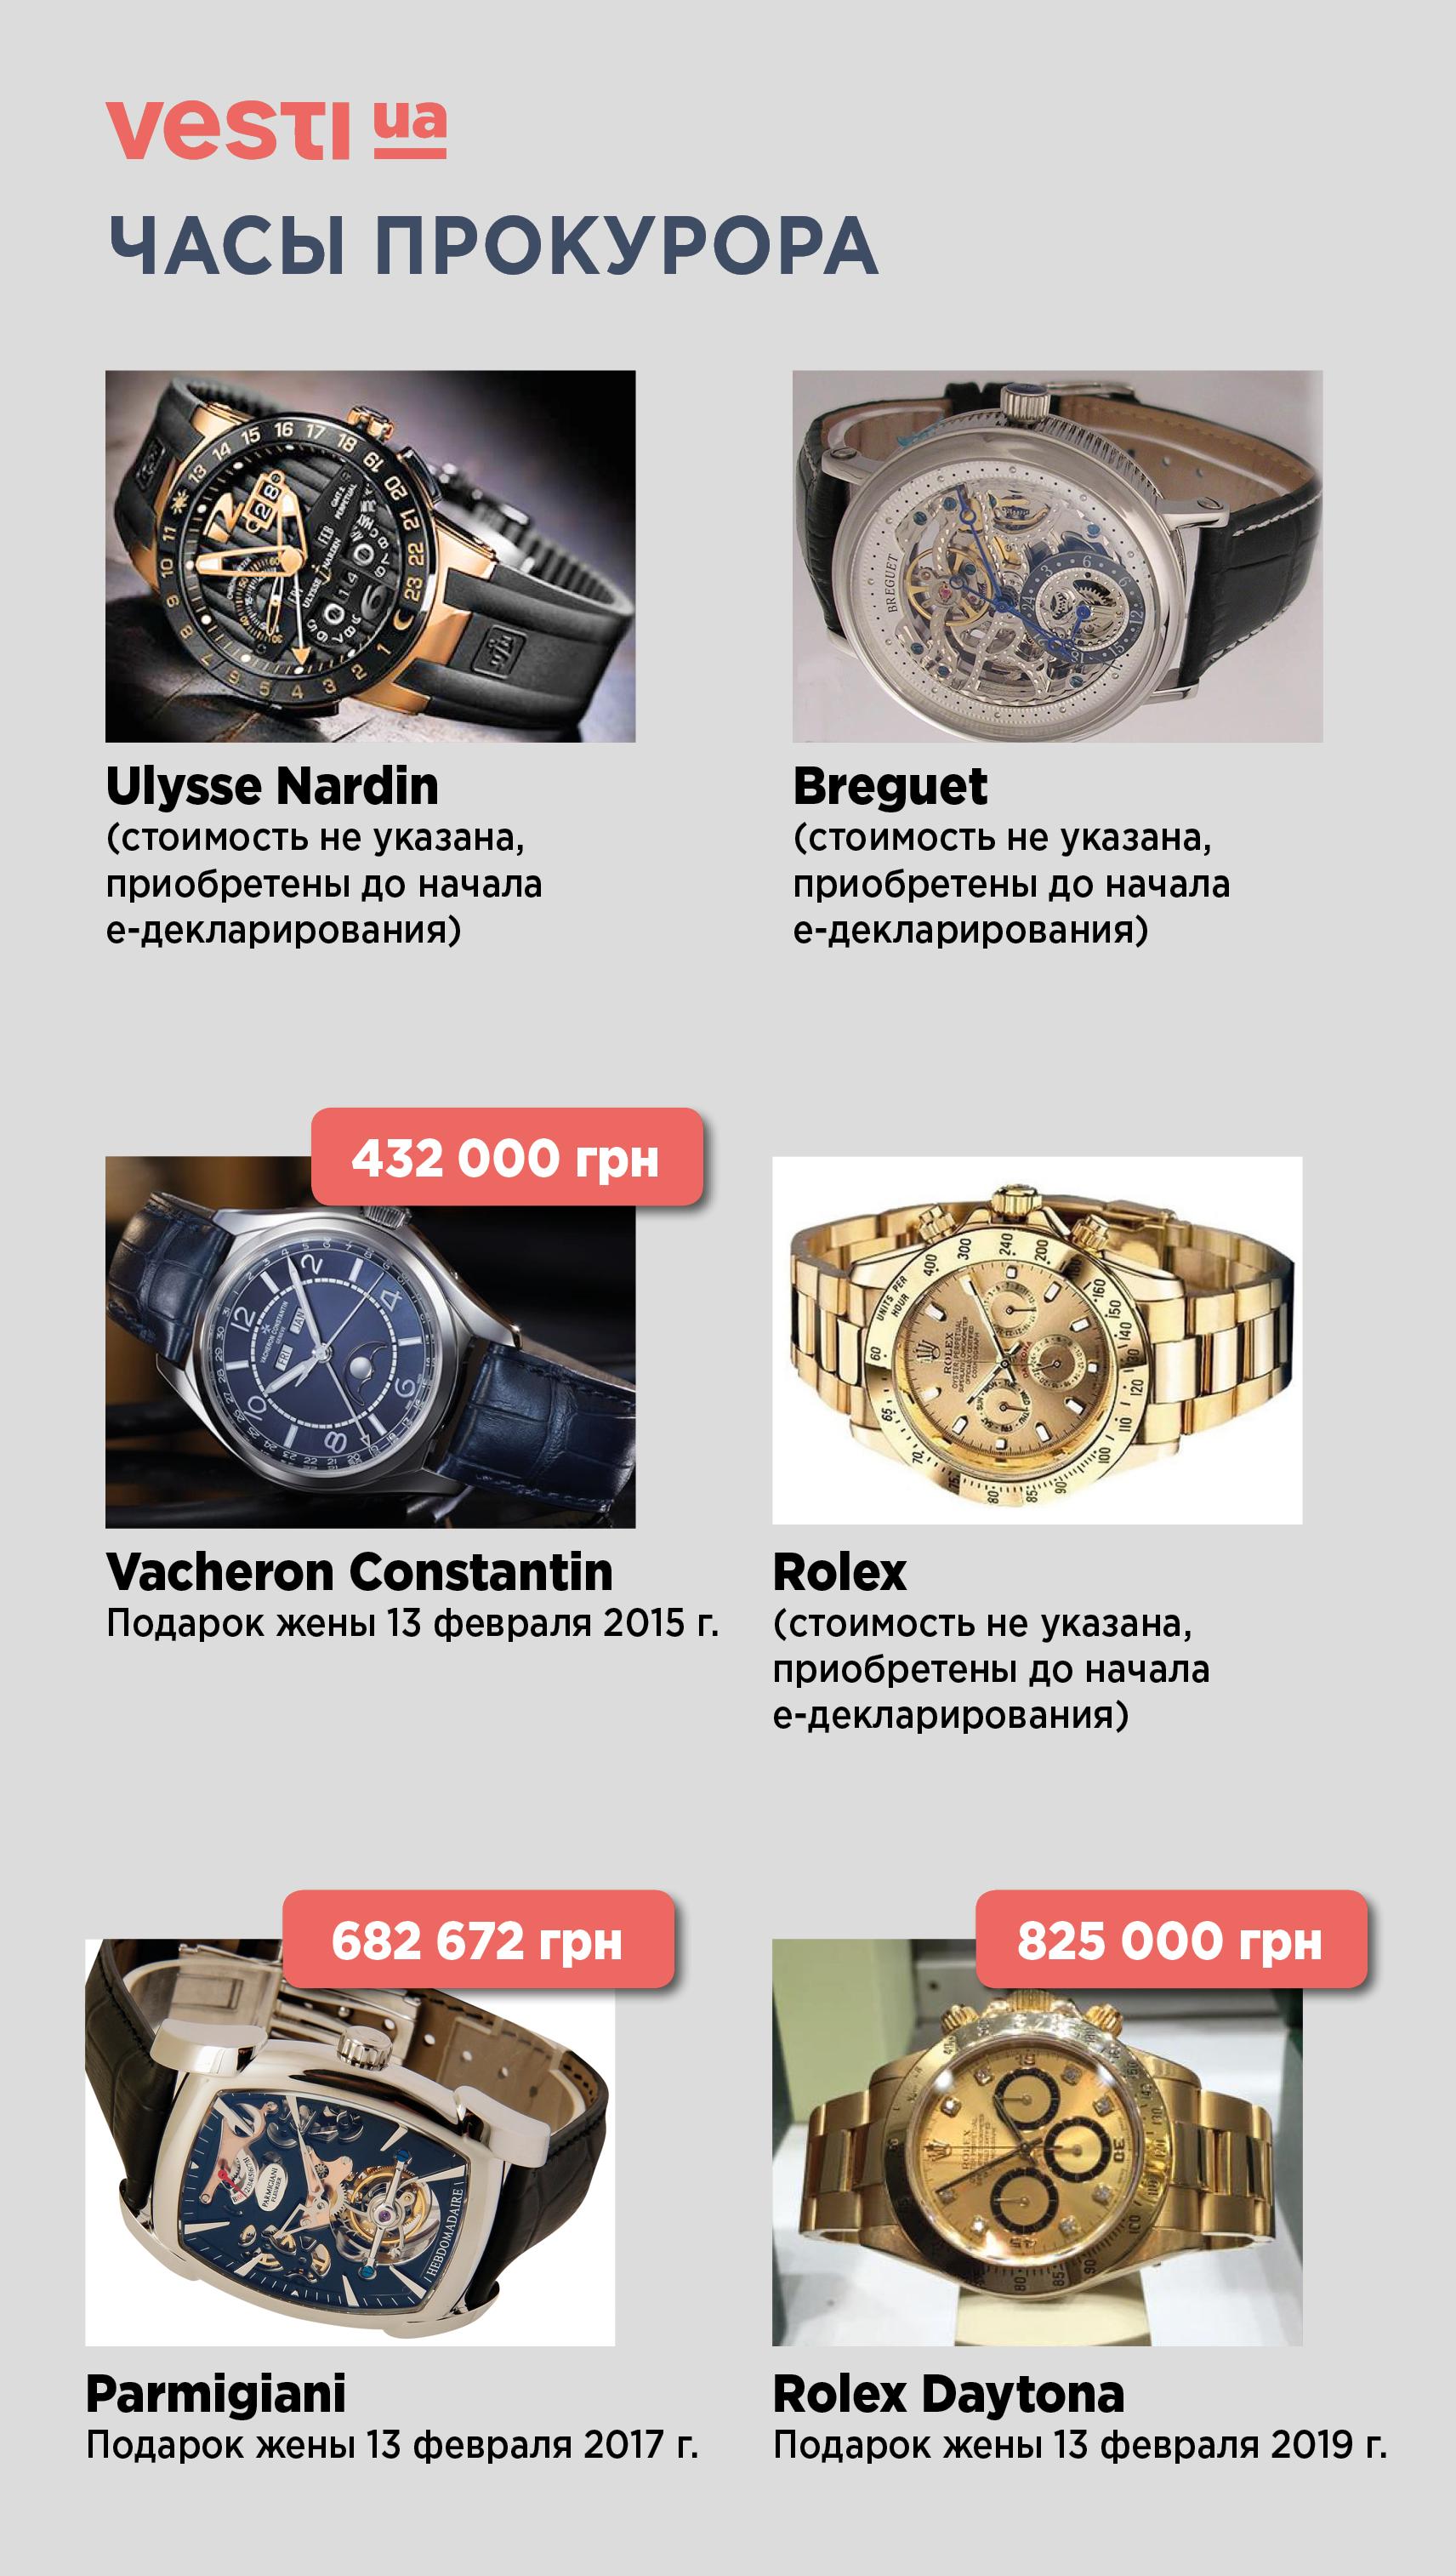 История одной семьи. Как Анатолий Матиос прячет деньги в карманах жены - фото 5